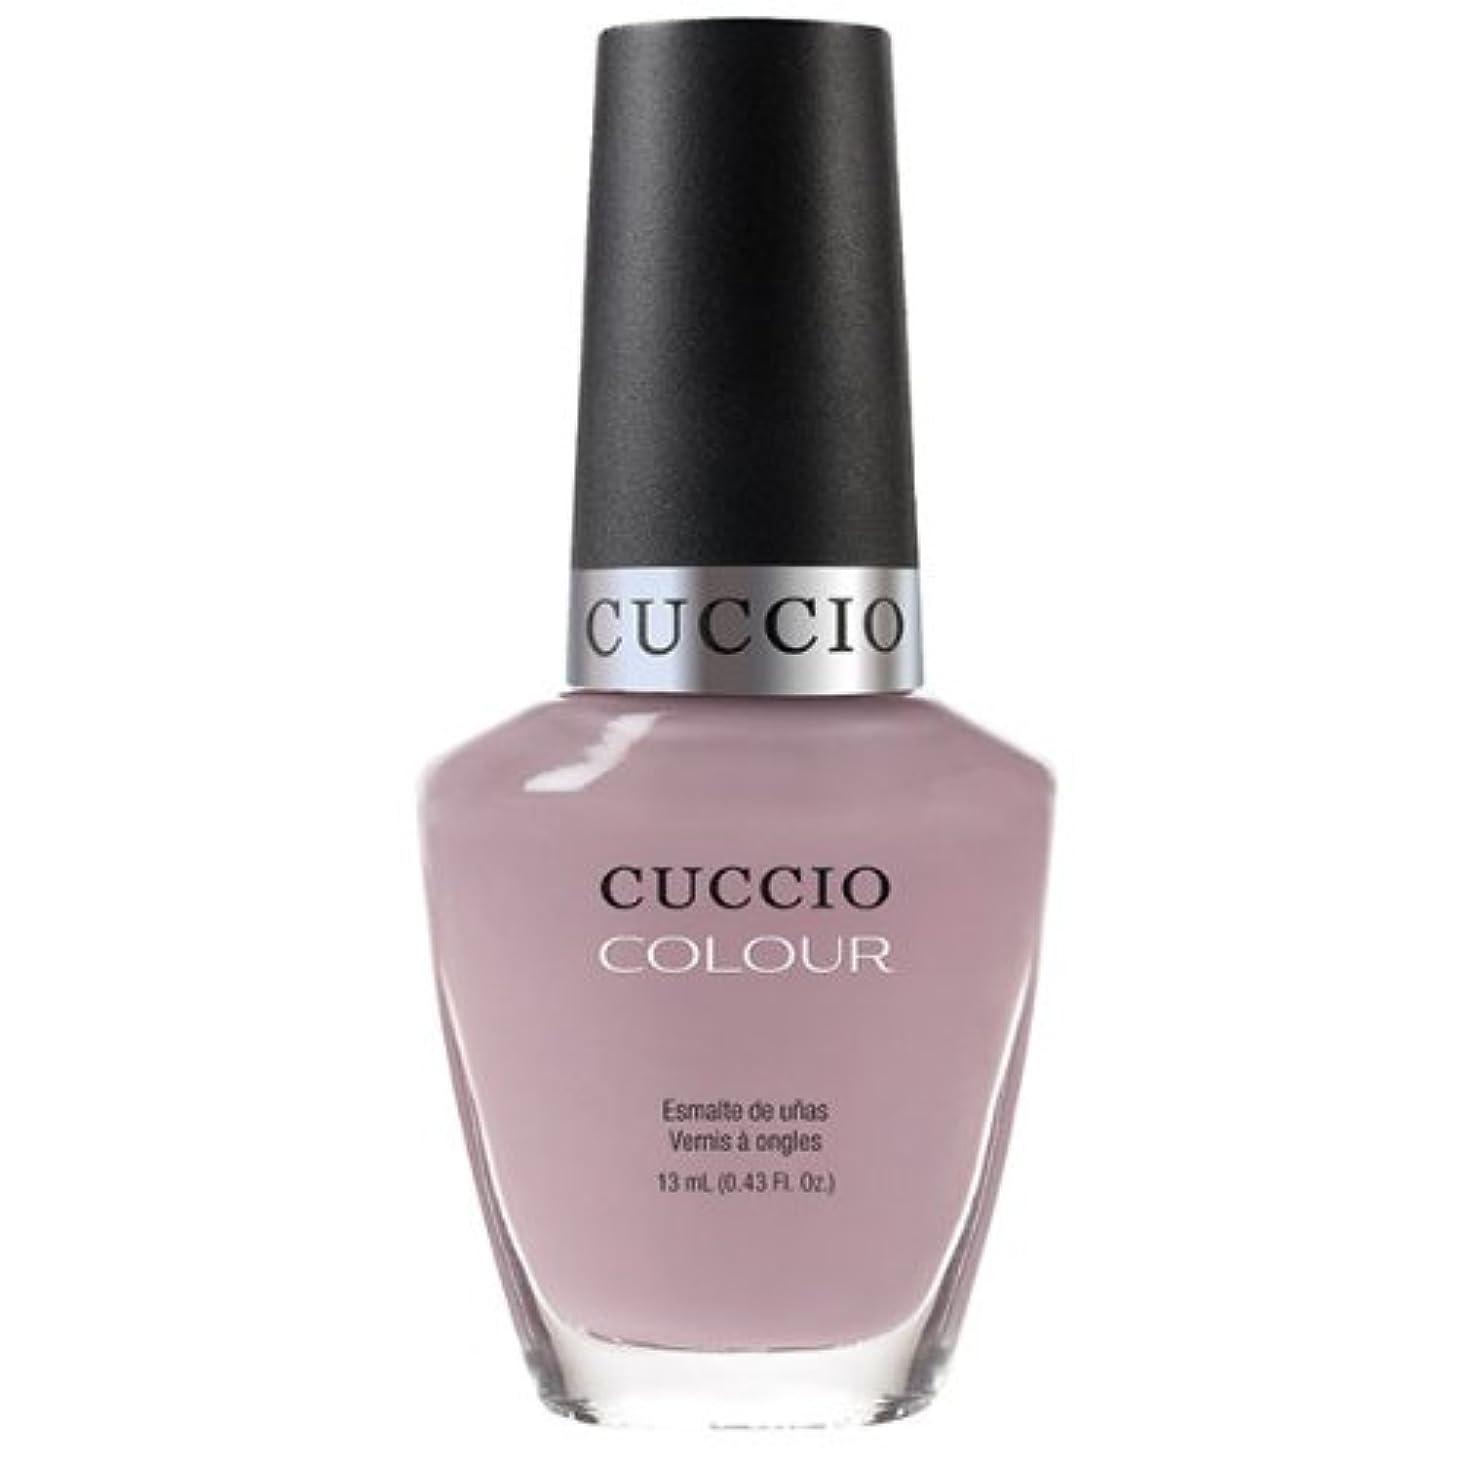 住所怒るシリーズCuccio Colour Gloss Lacquer - Longing for London - 0.43oz / 13ml